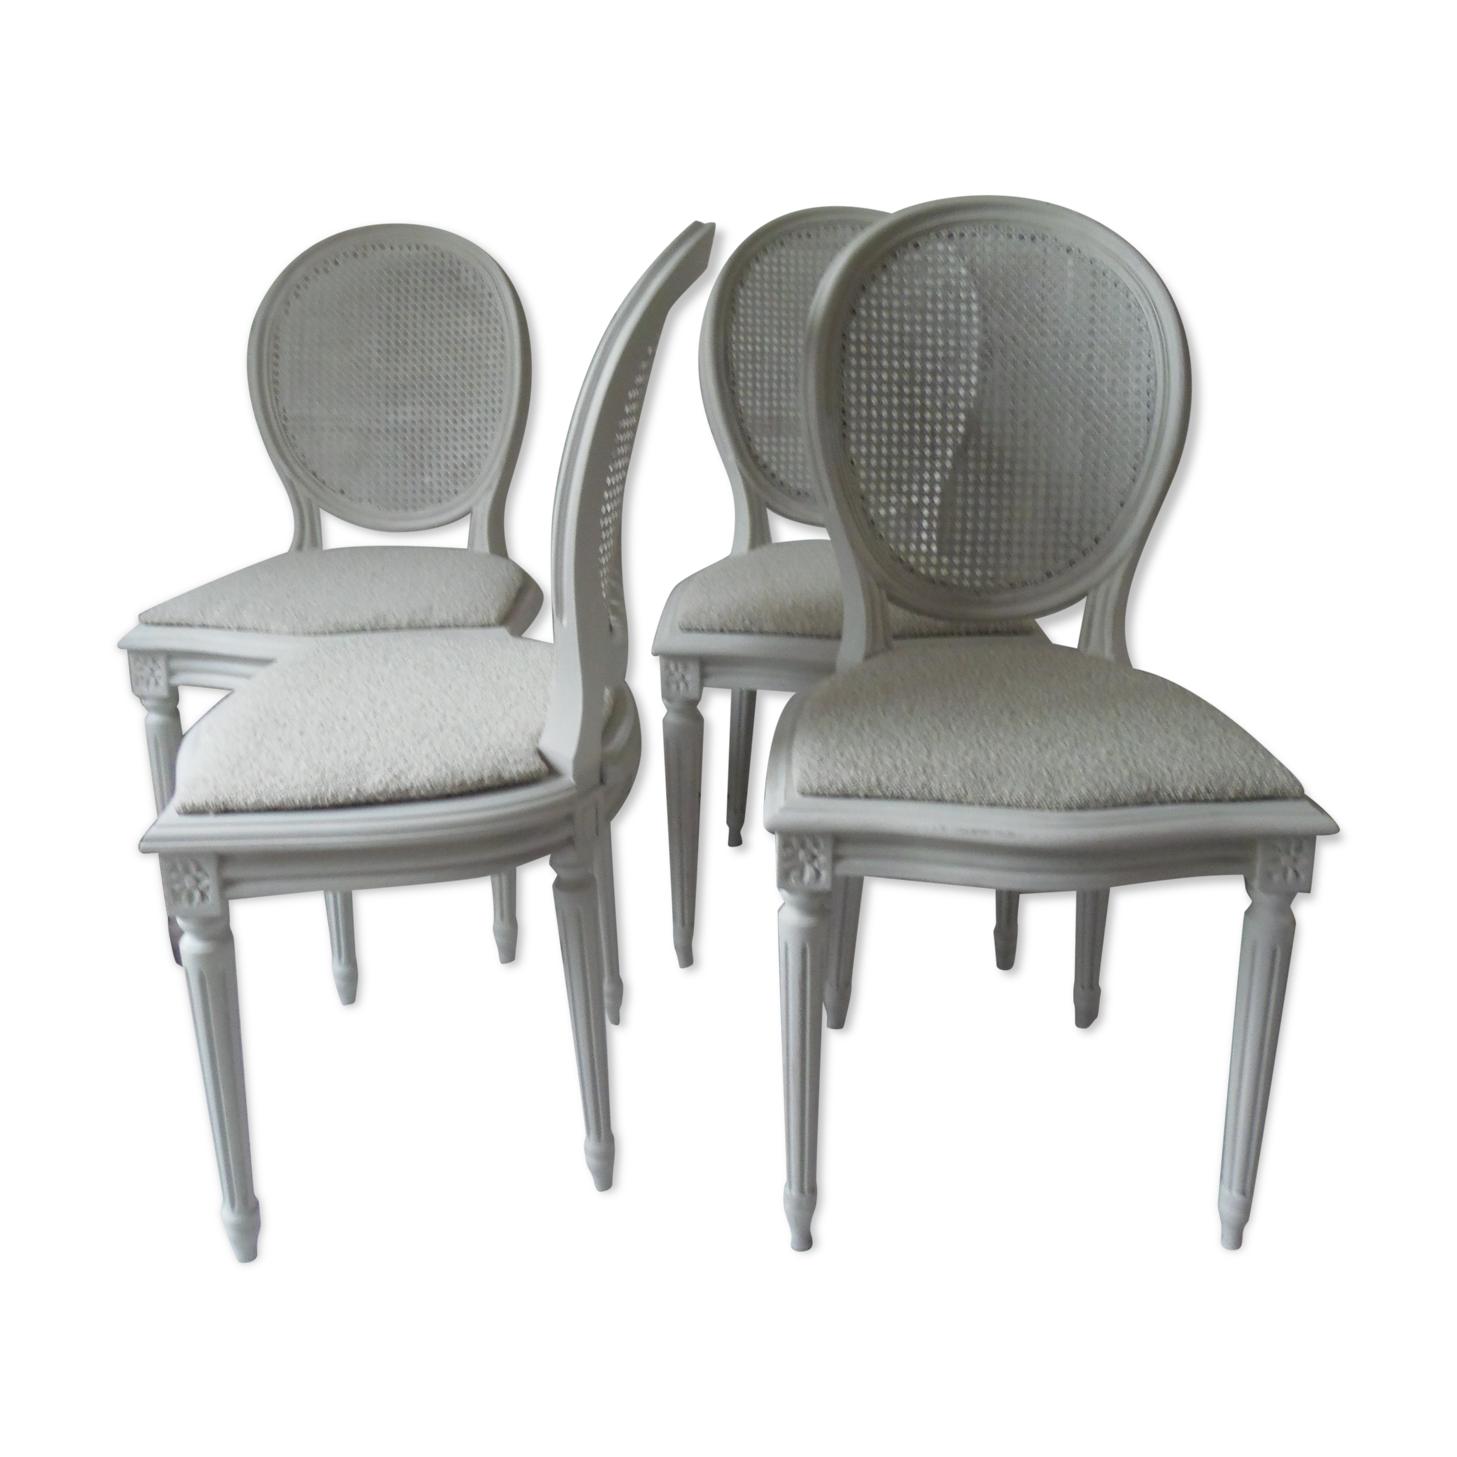 Set de 4 chaises médaillons patinées gris perle, assises tapissées tissus crème, dossiers cannés